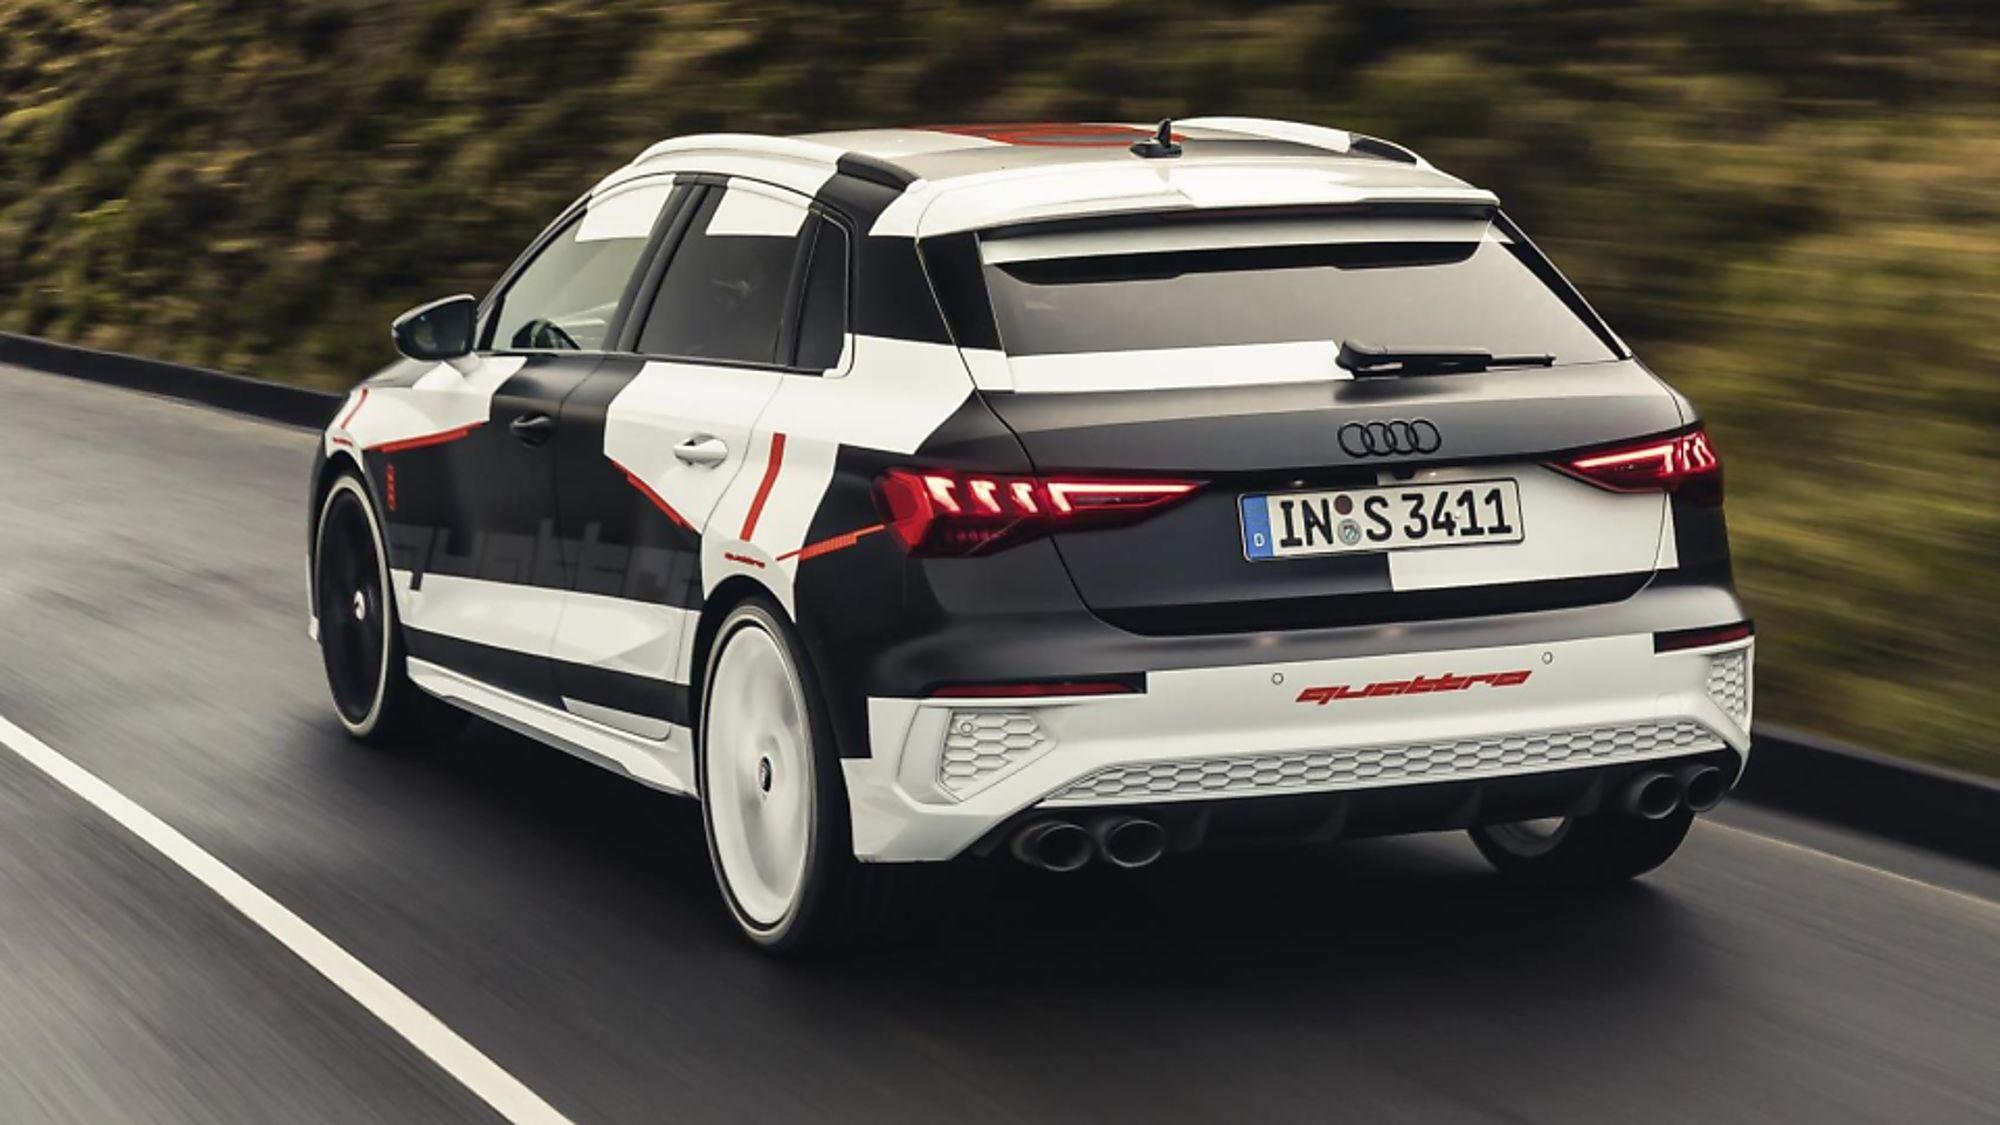 Audi A3 Rear